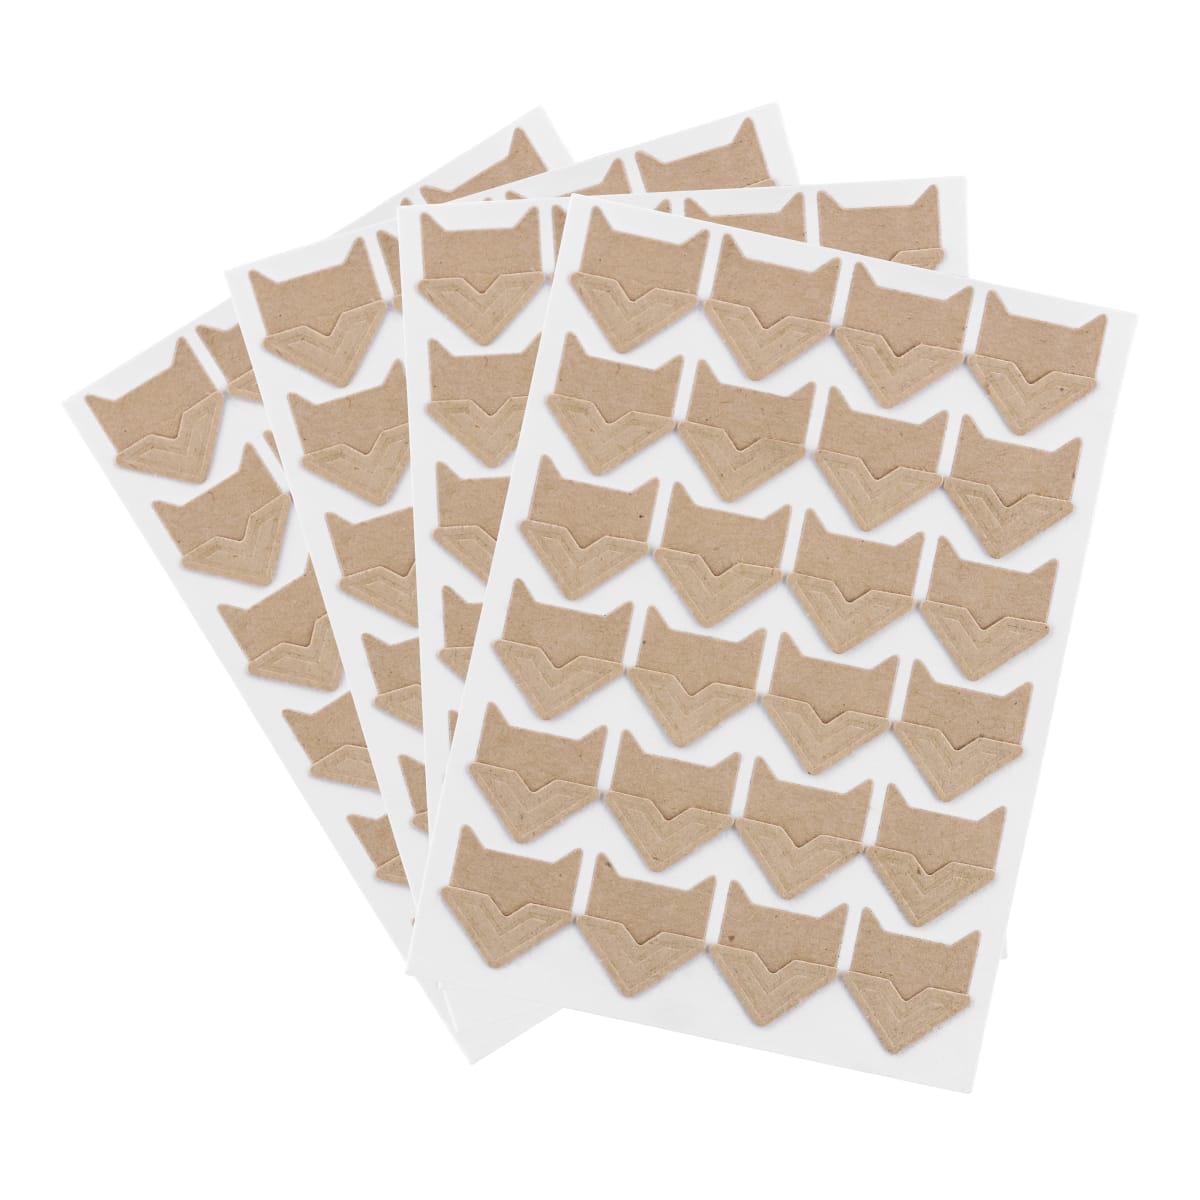 LENSY- Pack of 96 adhesive photo kraft corners